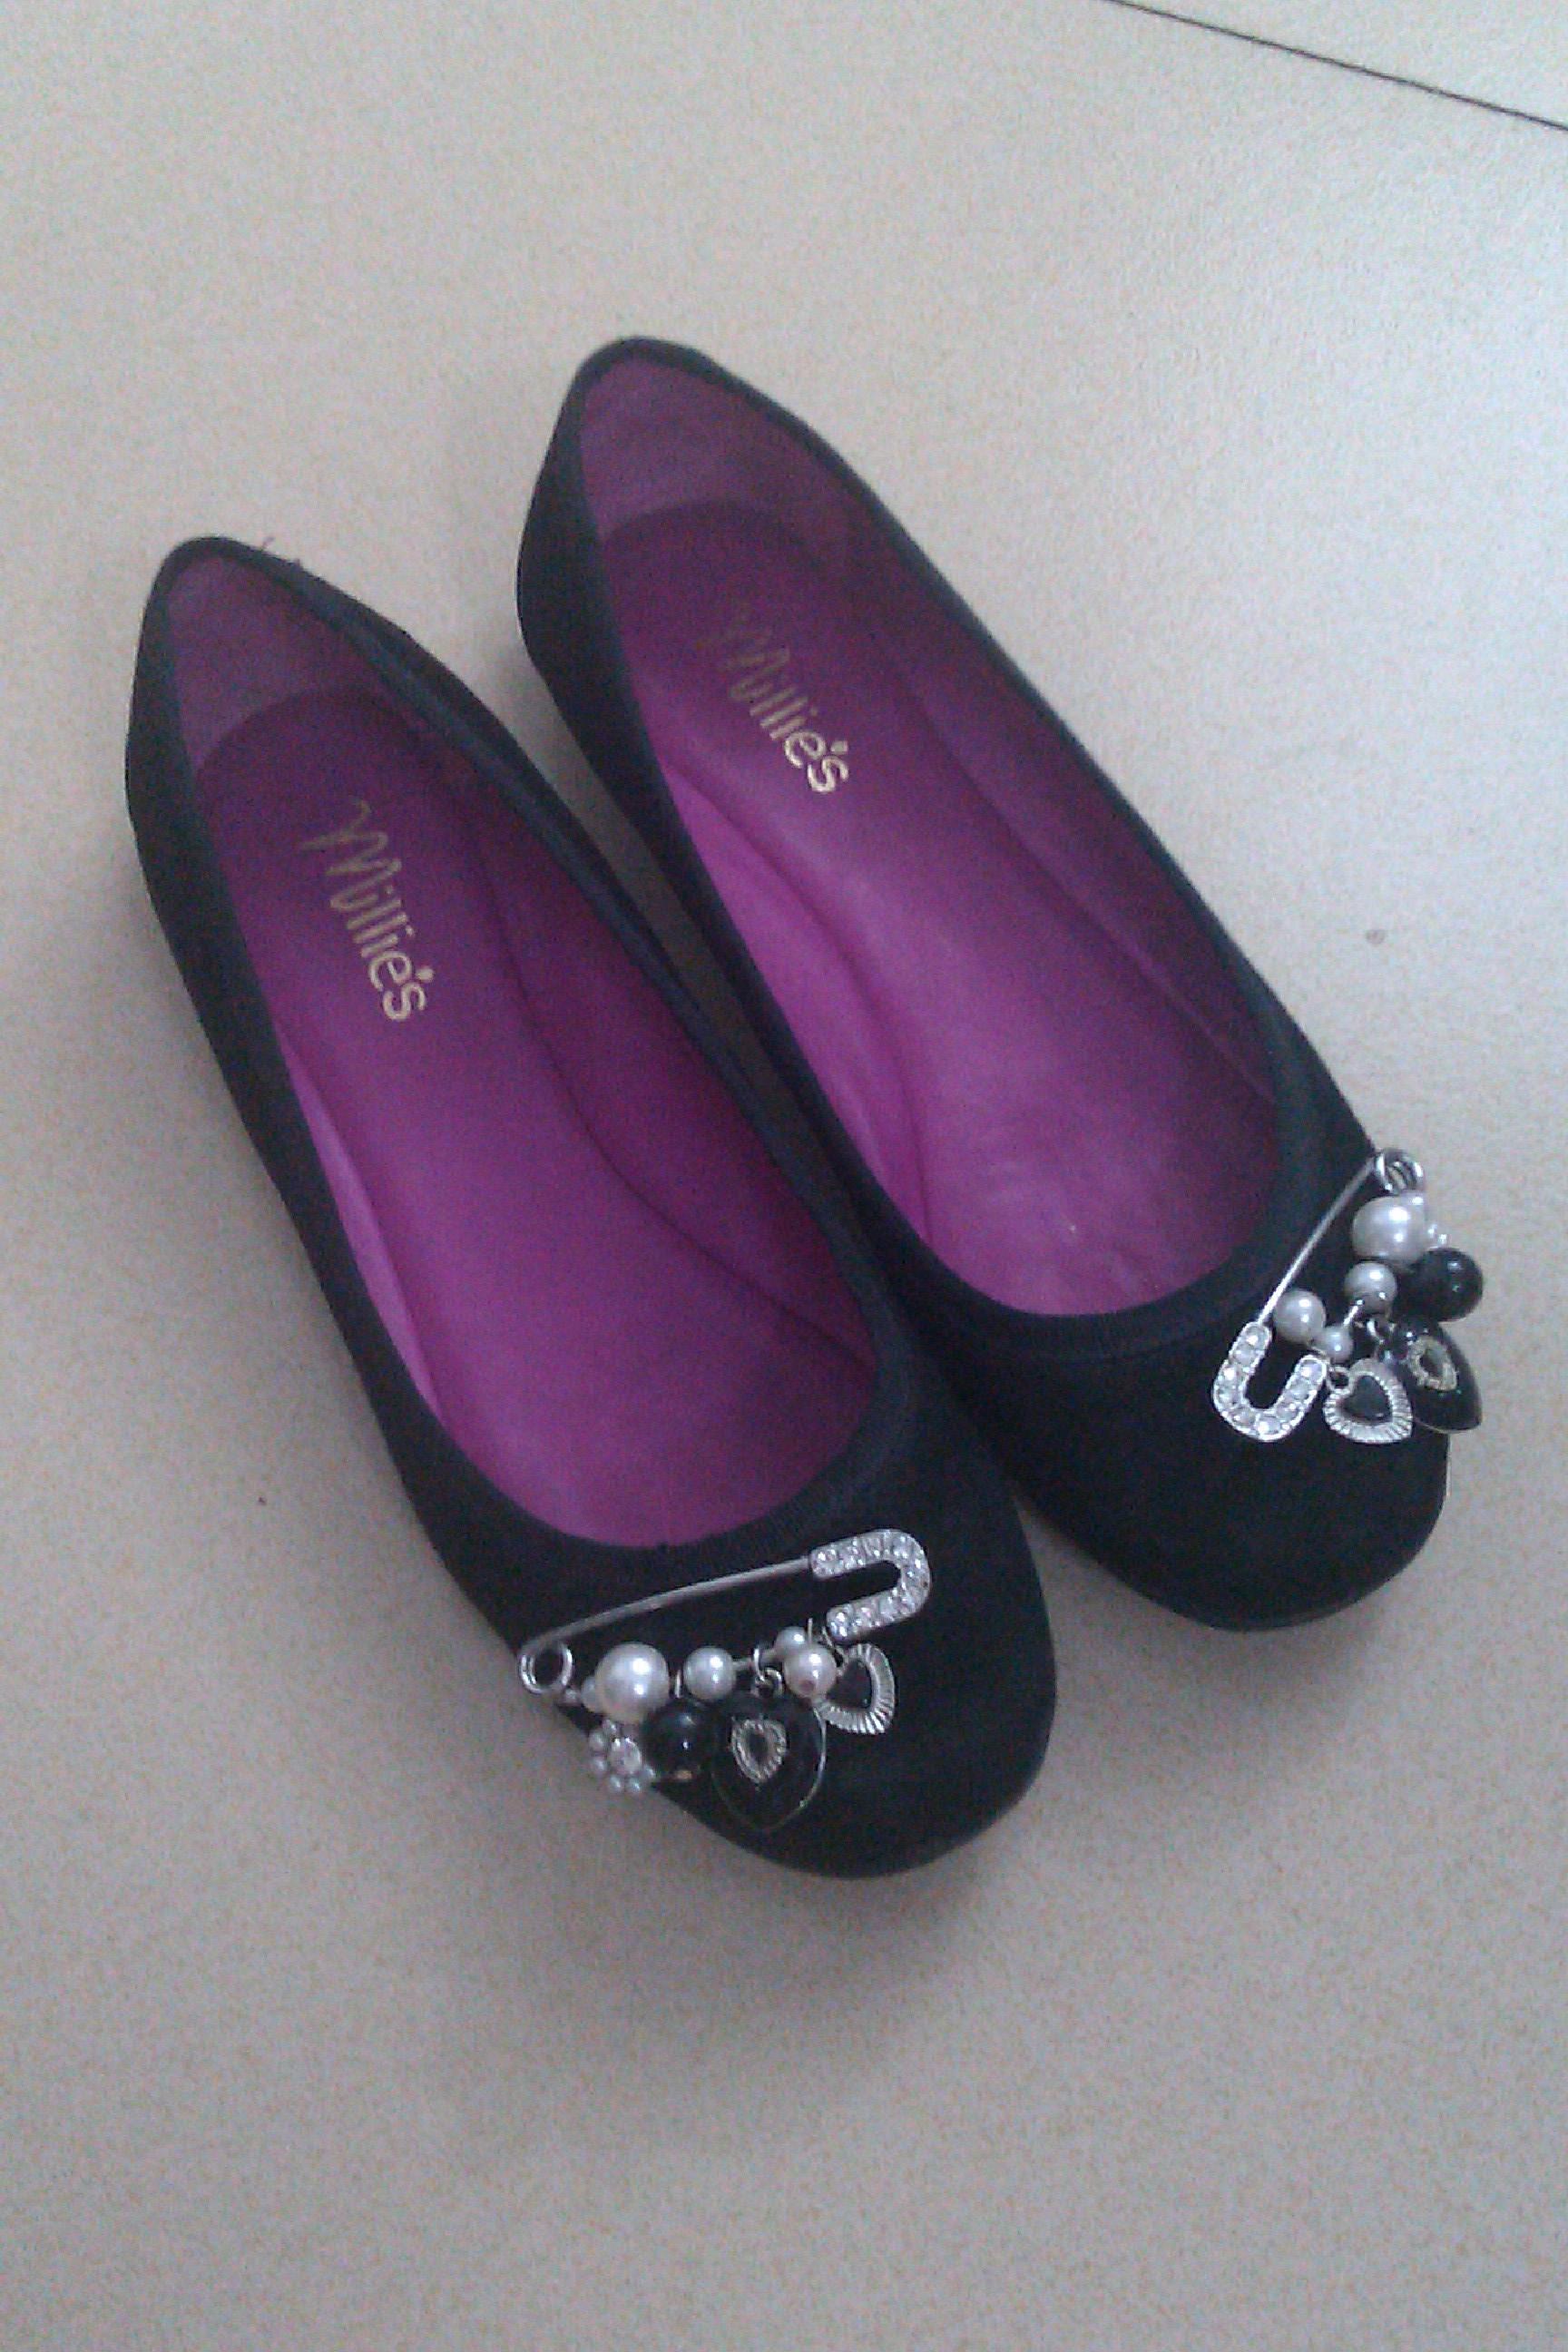 我爱买鞋子 - liangsiping的日志